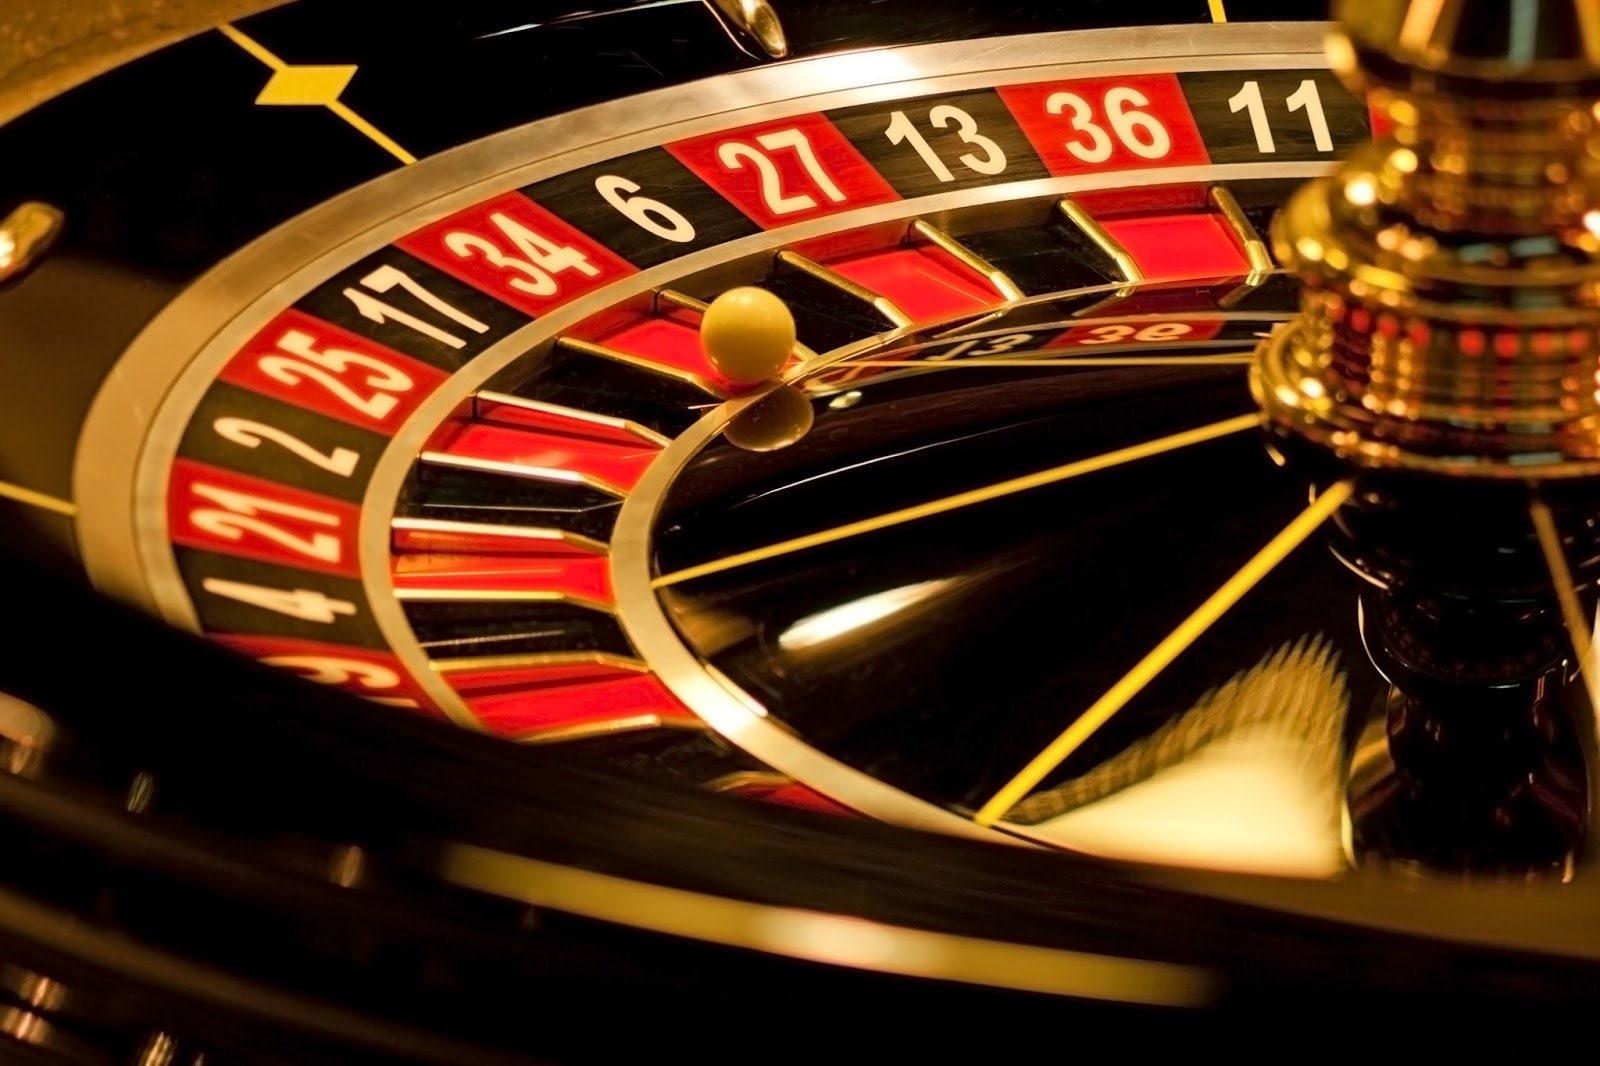 los-casinos-son-la-principal-fuente-de-recaudacion-en-santa-fe